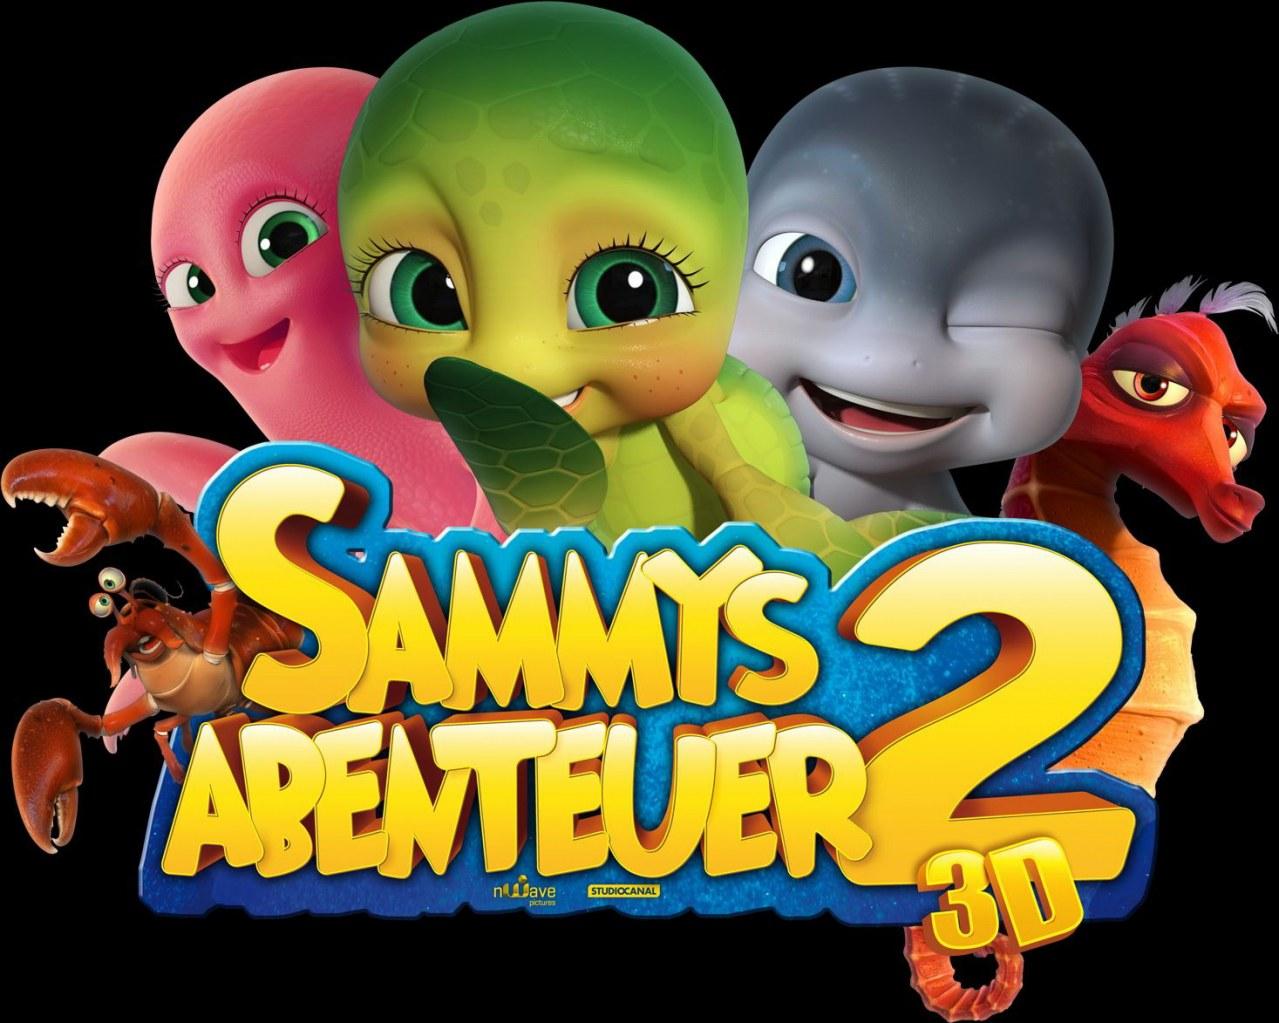 Sammys Abenteuer 2 - Bild 31